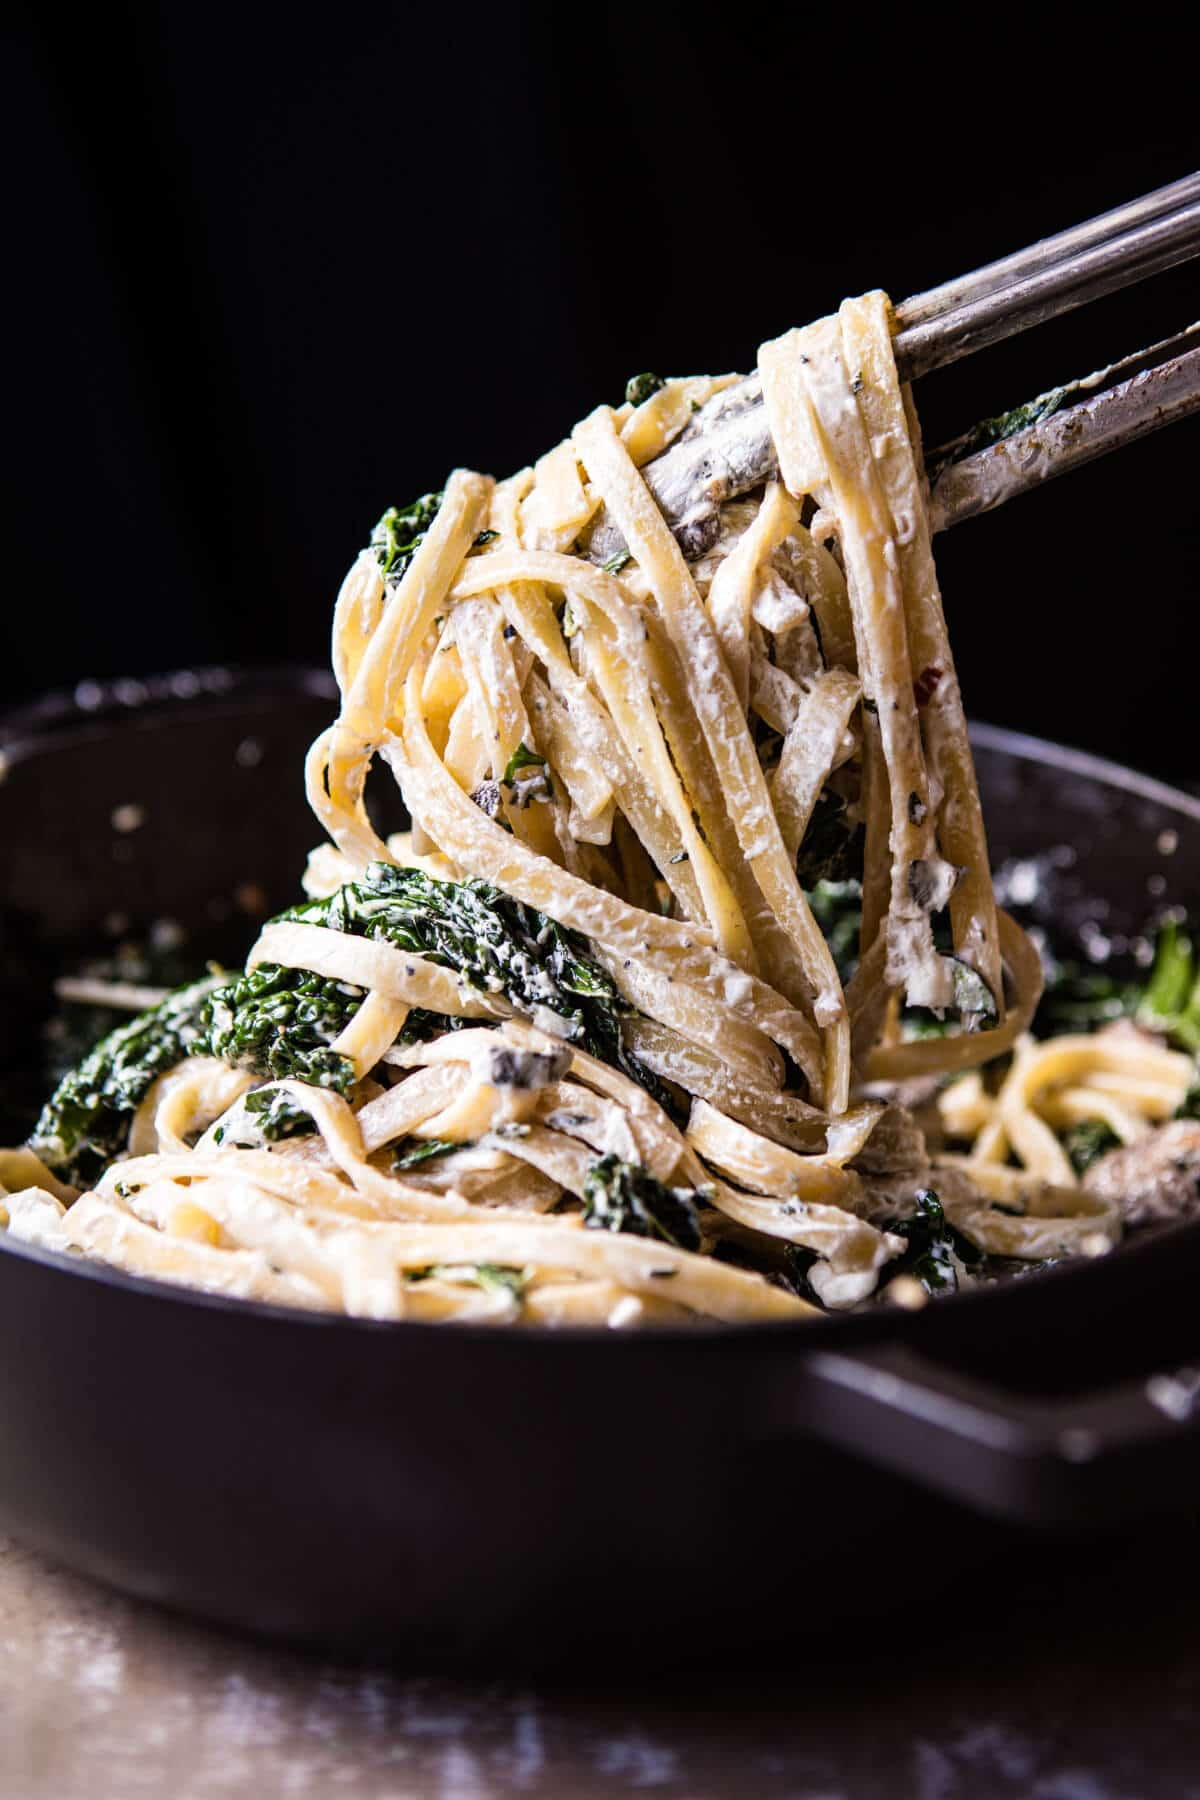 8 Ingredient Garlic Butter Mushroom and Goat Cheese Fettuccine | halfbakedharvest.com @hbharvest